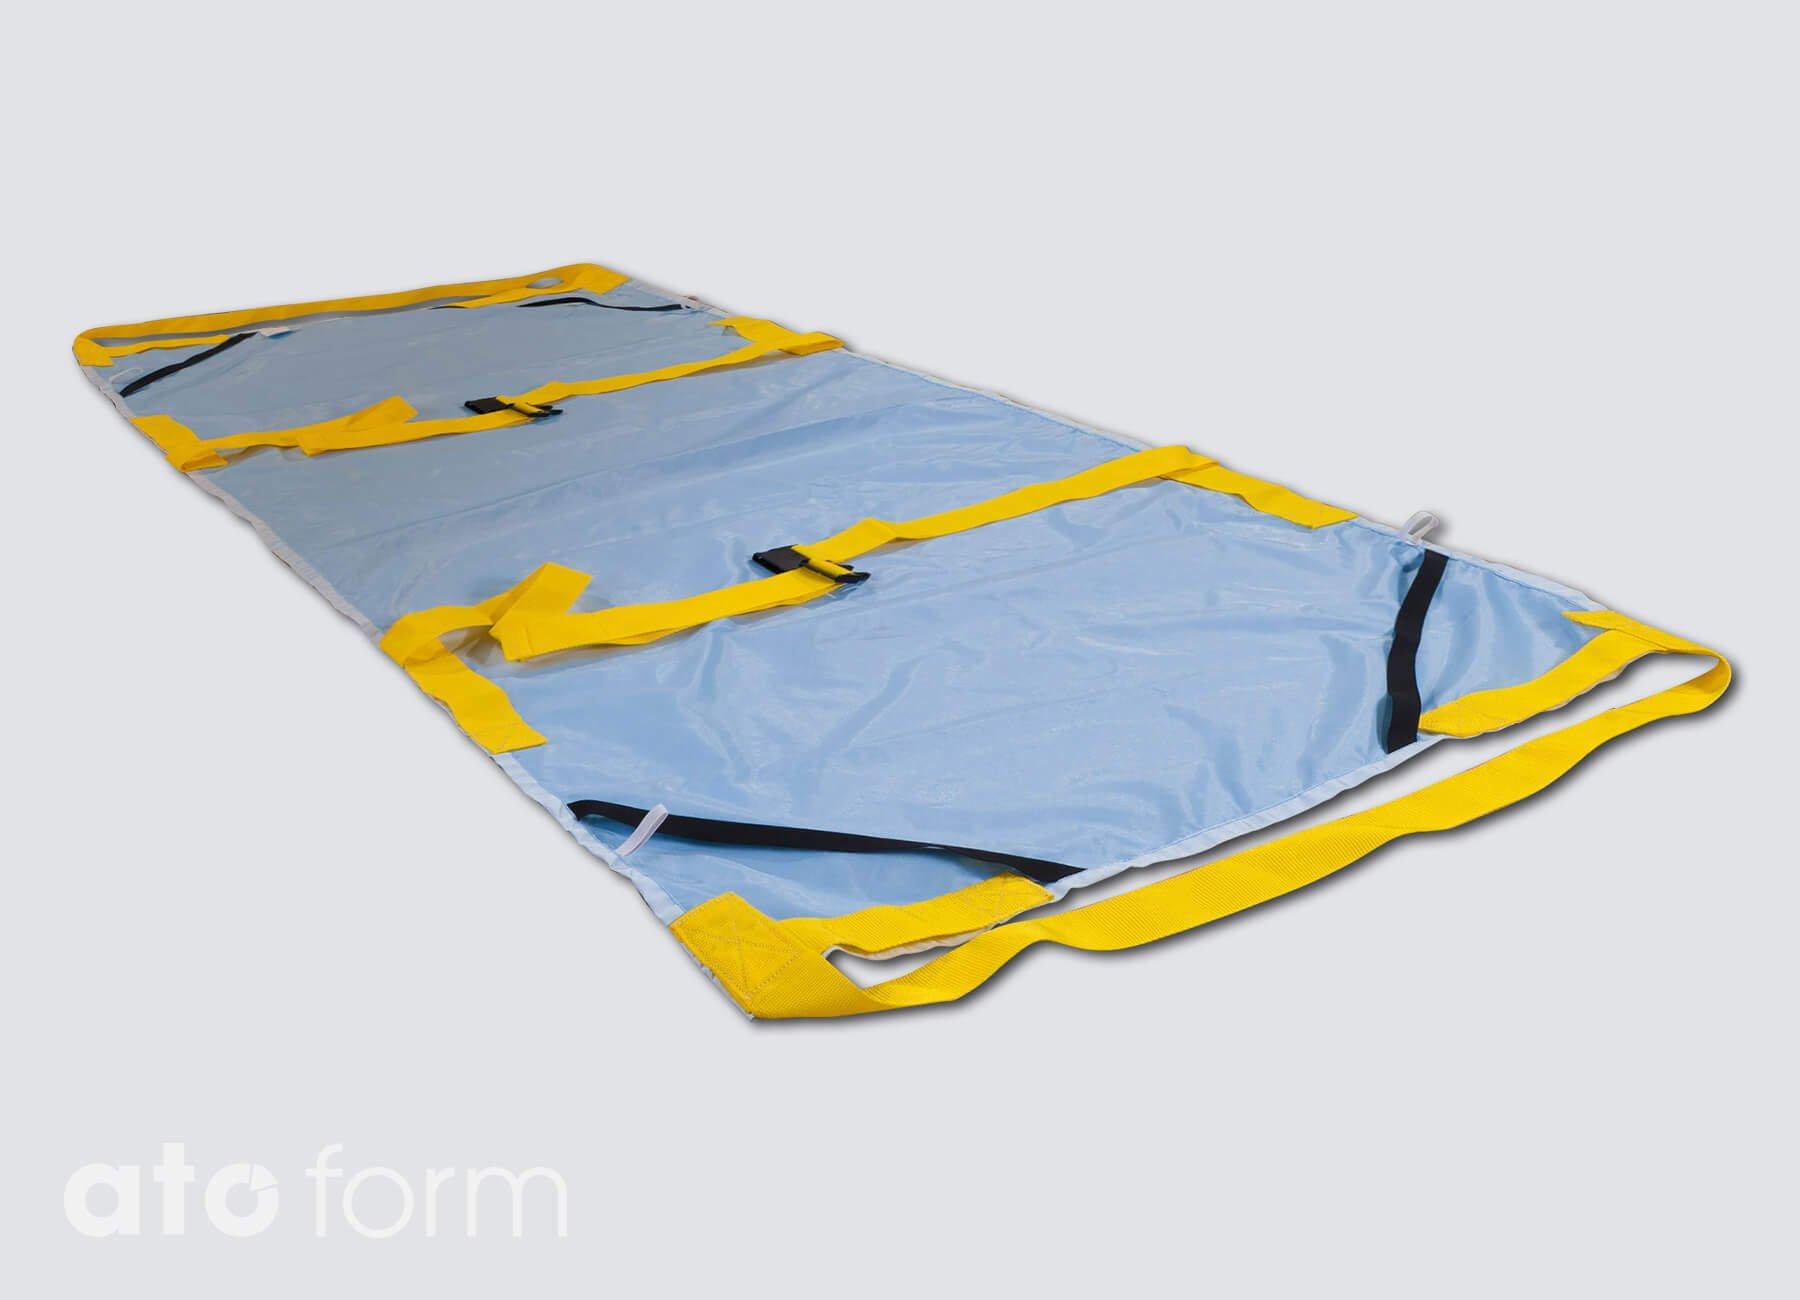 Sicherheits-Rettungs-Tragetuch SRT 211SP